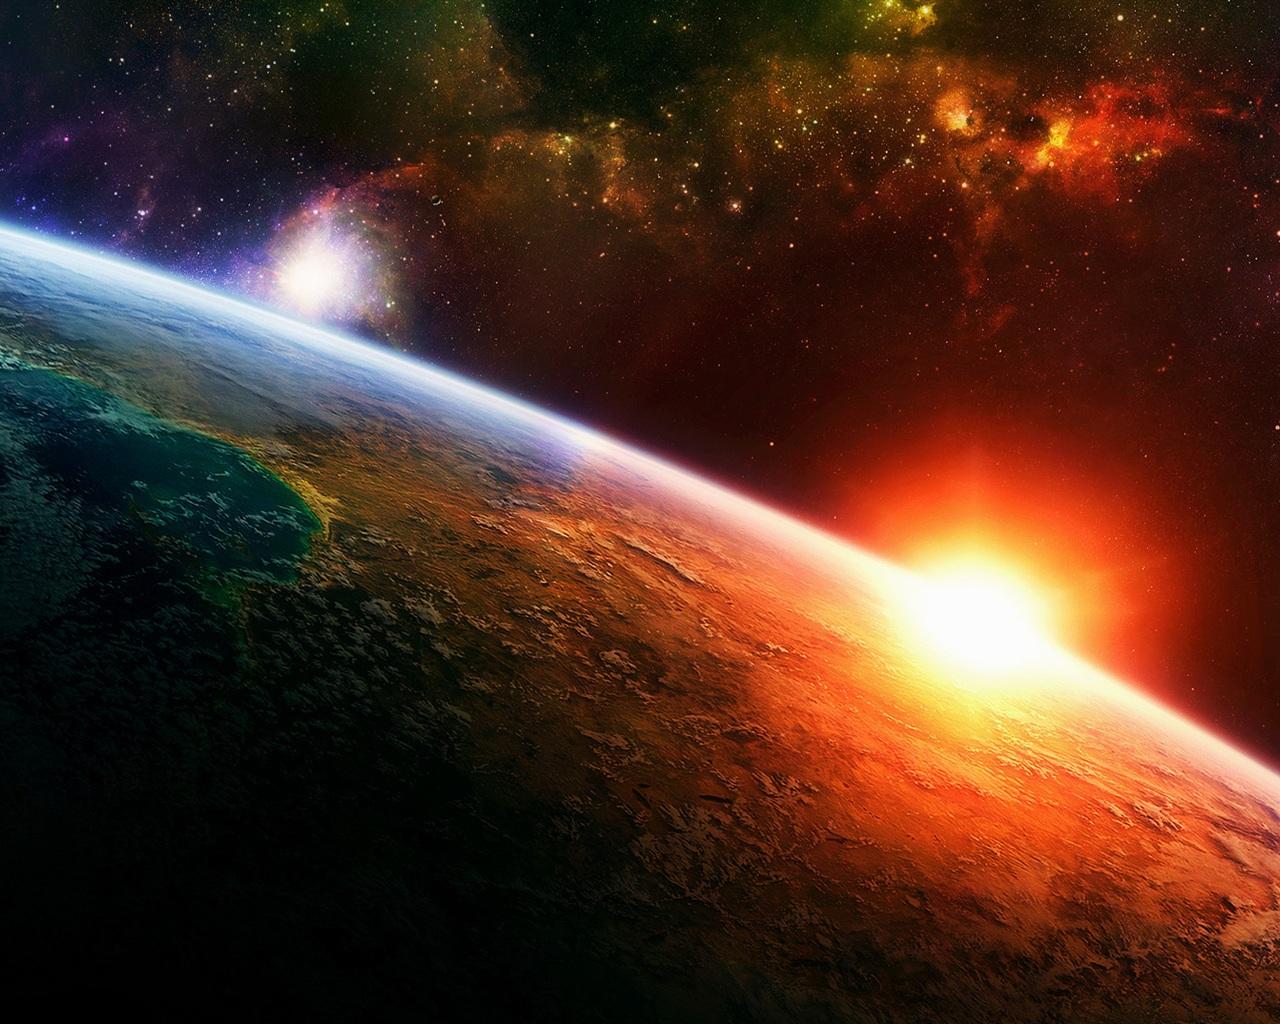 Sonnenaufgang Der Erde Im Weltraum 1920x1200 Hd